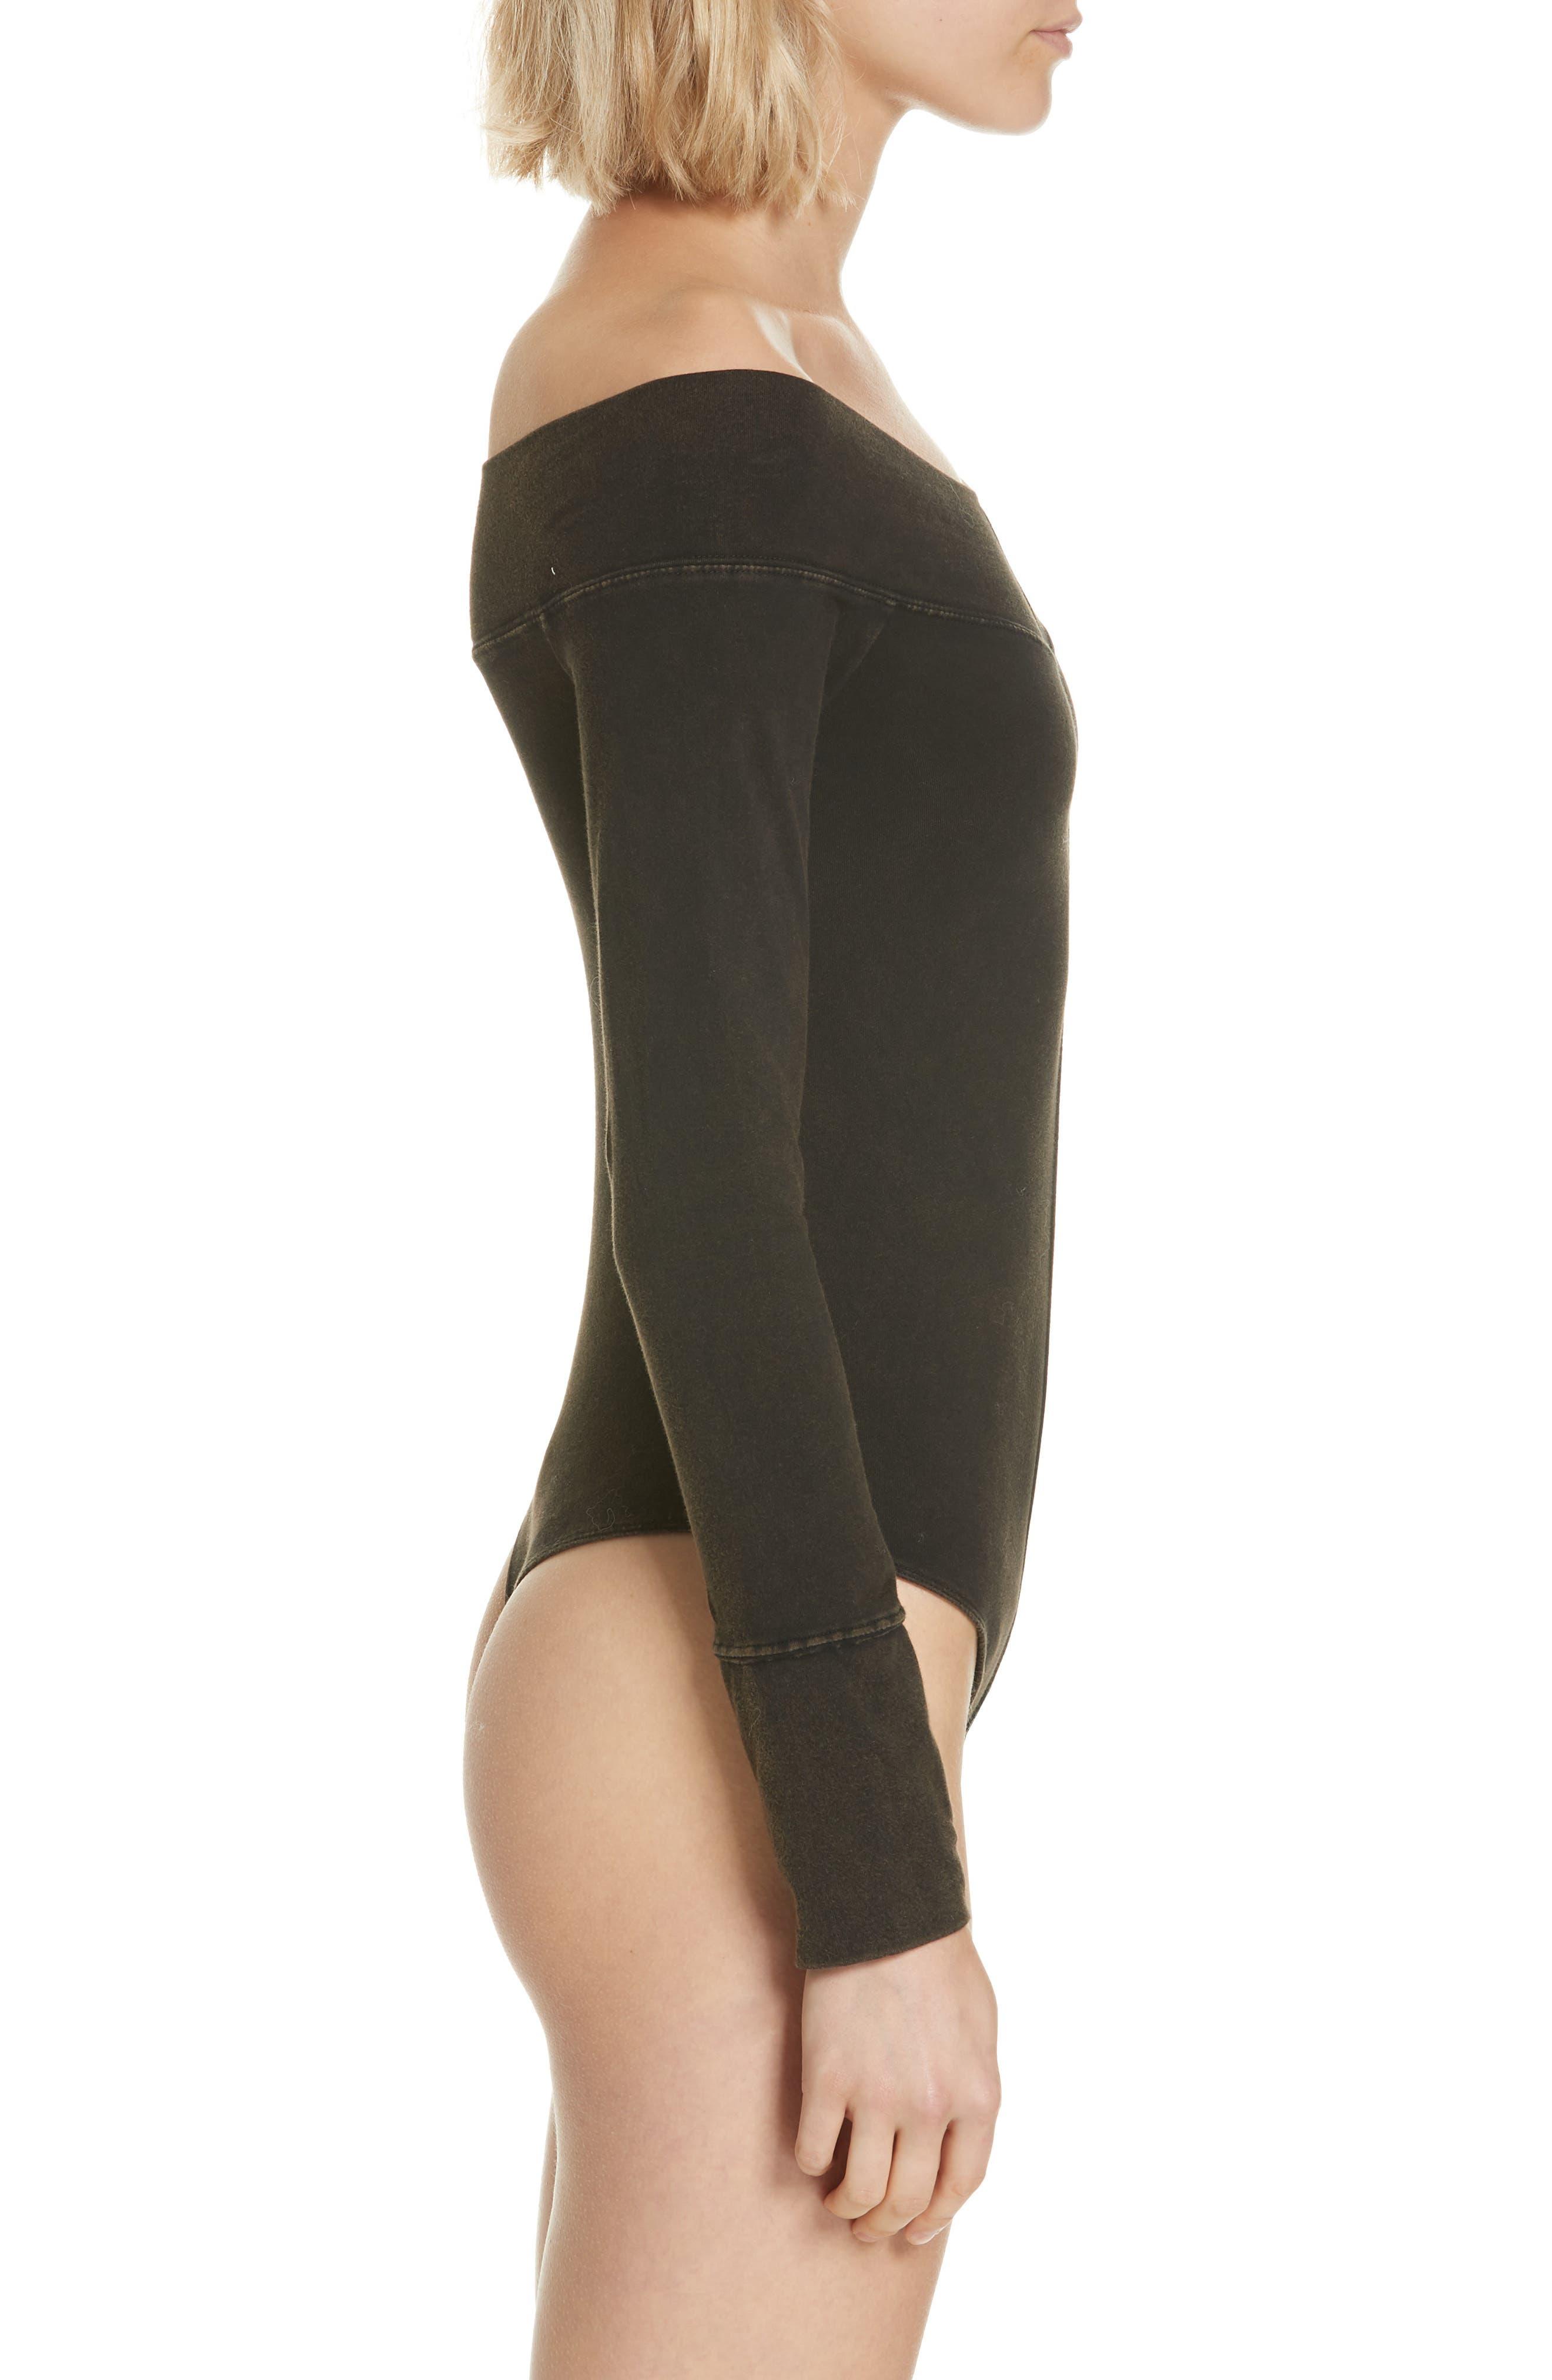 Zone Out Bodysuit,                             Alternate thumbnail 4, color,                             BLACK